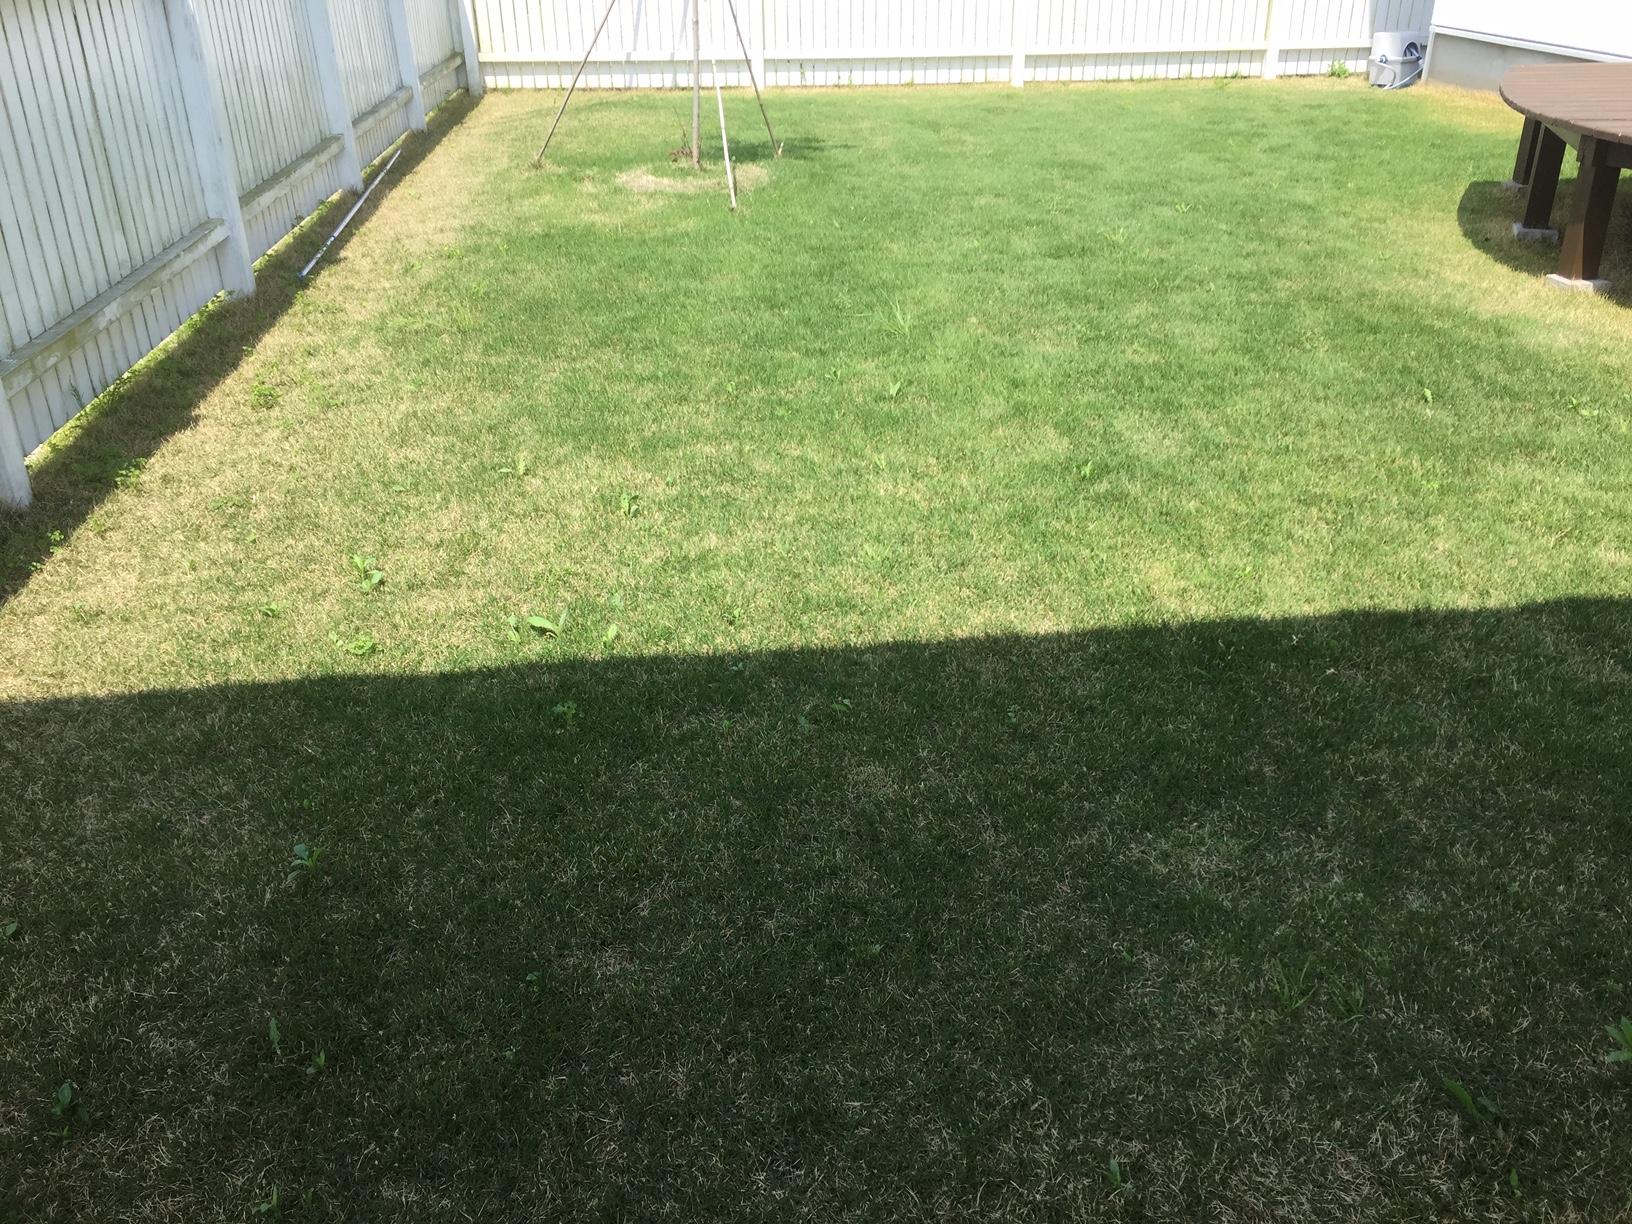 2019.05.06 芝生の状況